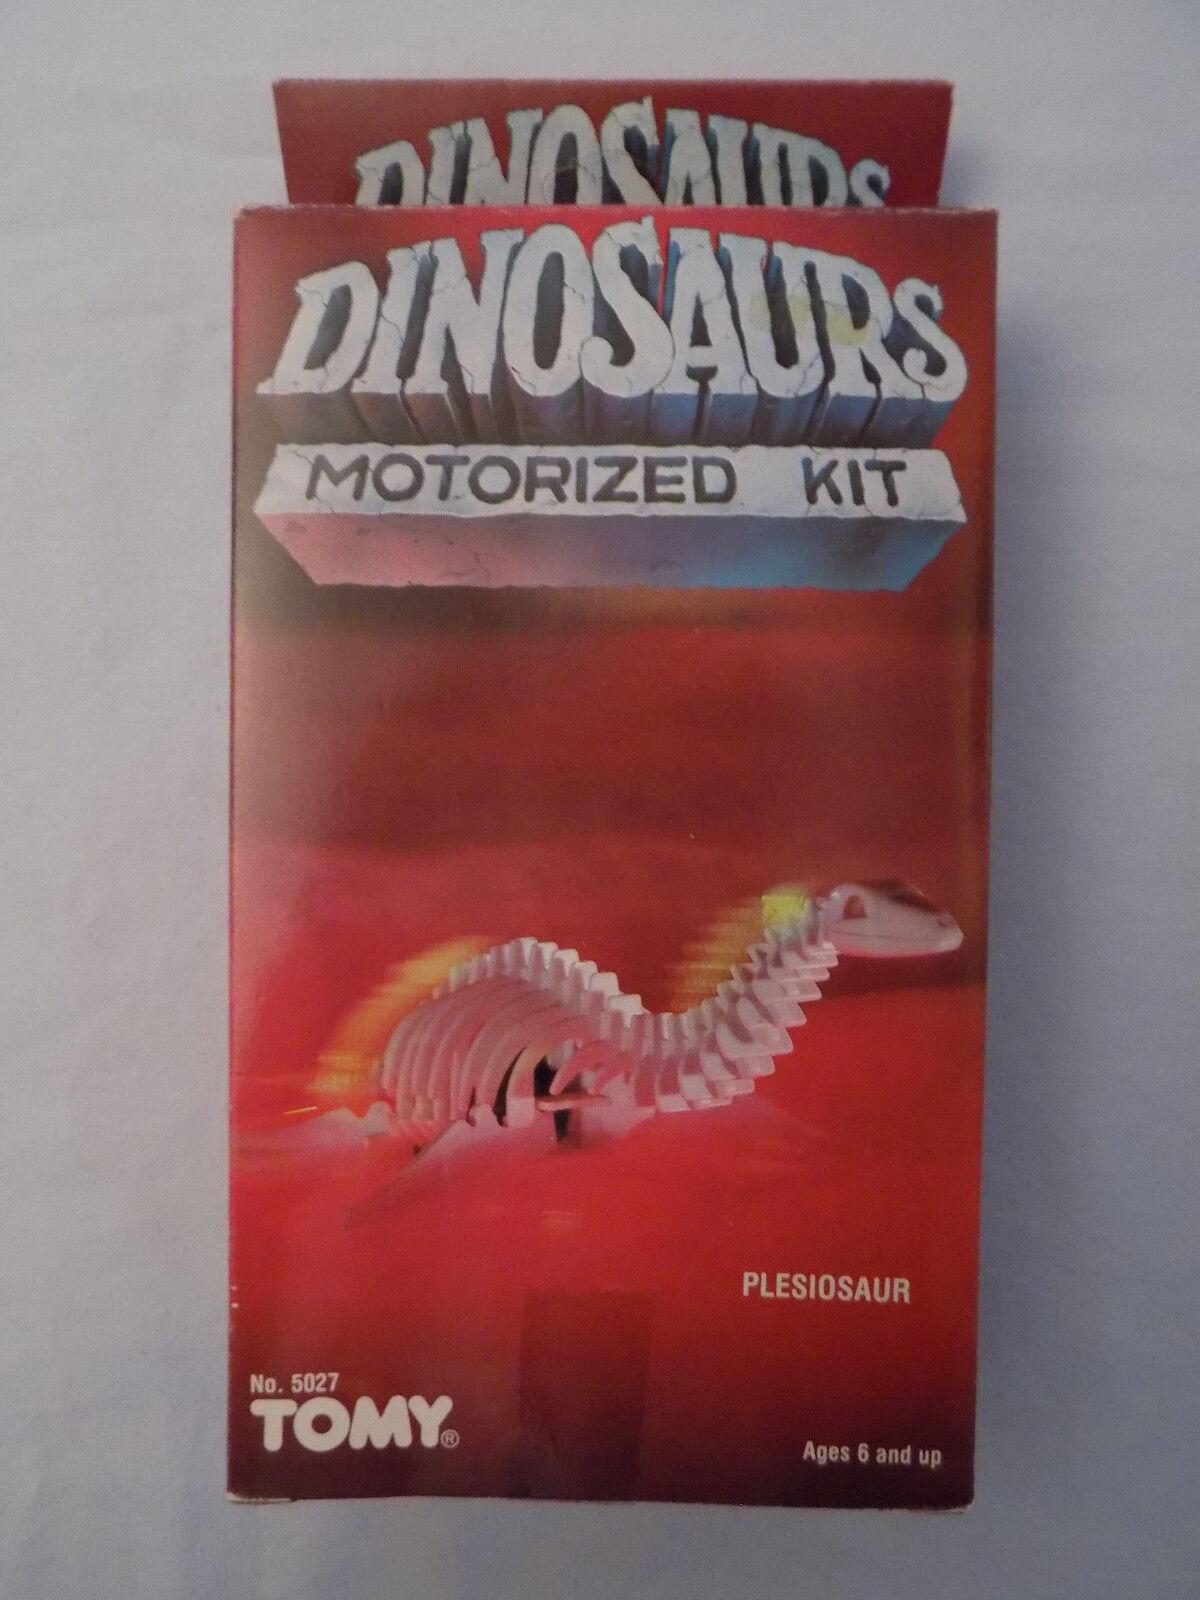 Jahrgang 1984 mein motor - dinosaurier plesiosauriers miniatur - versiegelten kiste